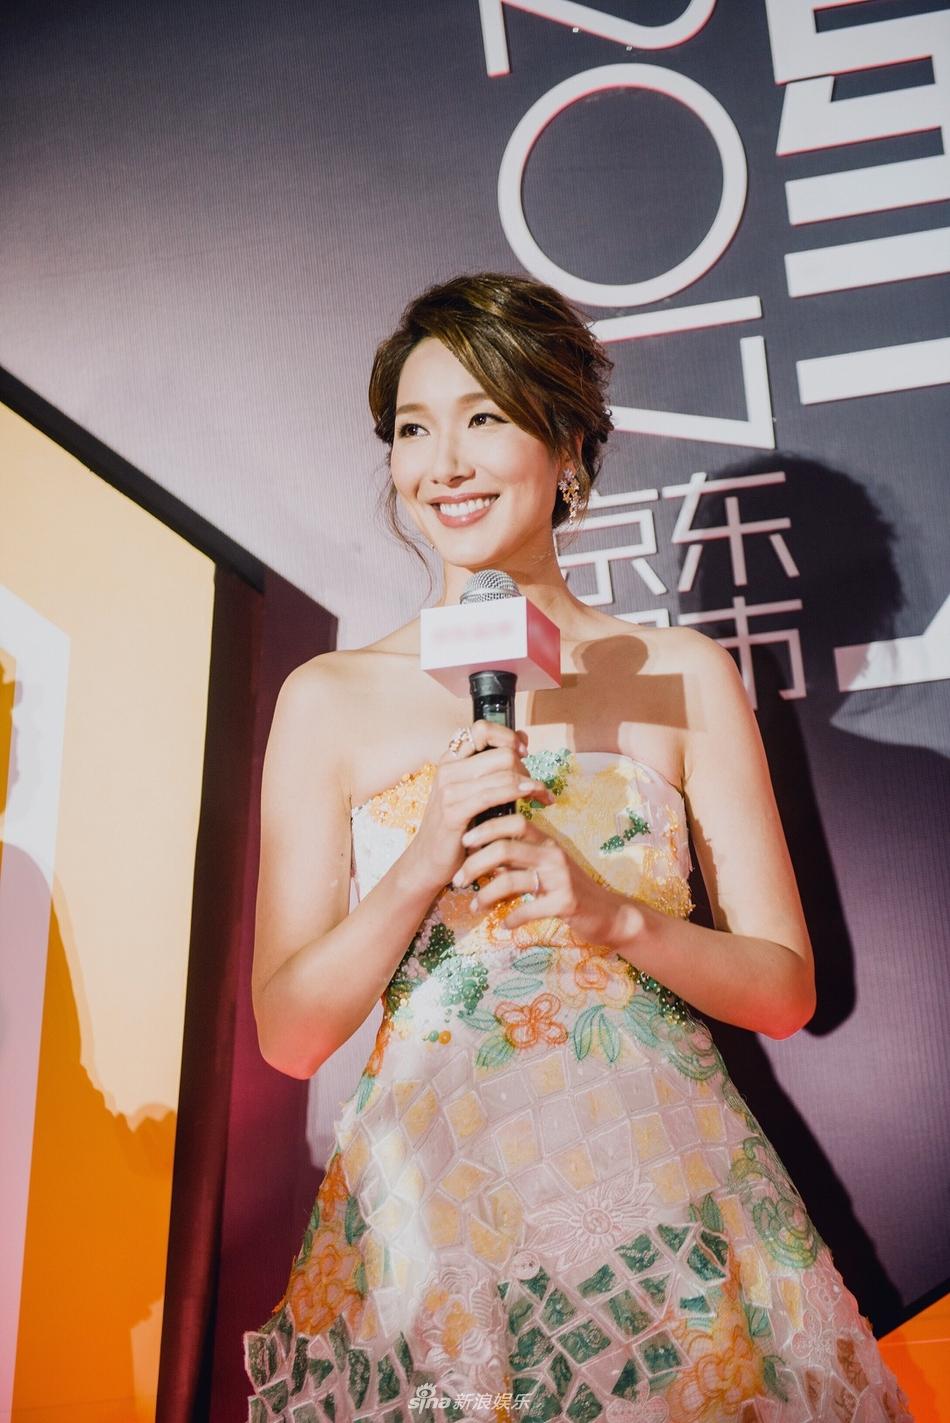 组图 李亚男清新淡雅亮相红毯获赞 惊喜大使